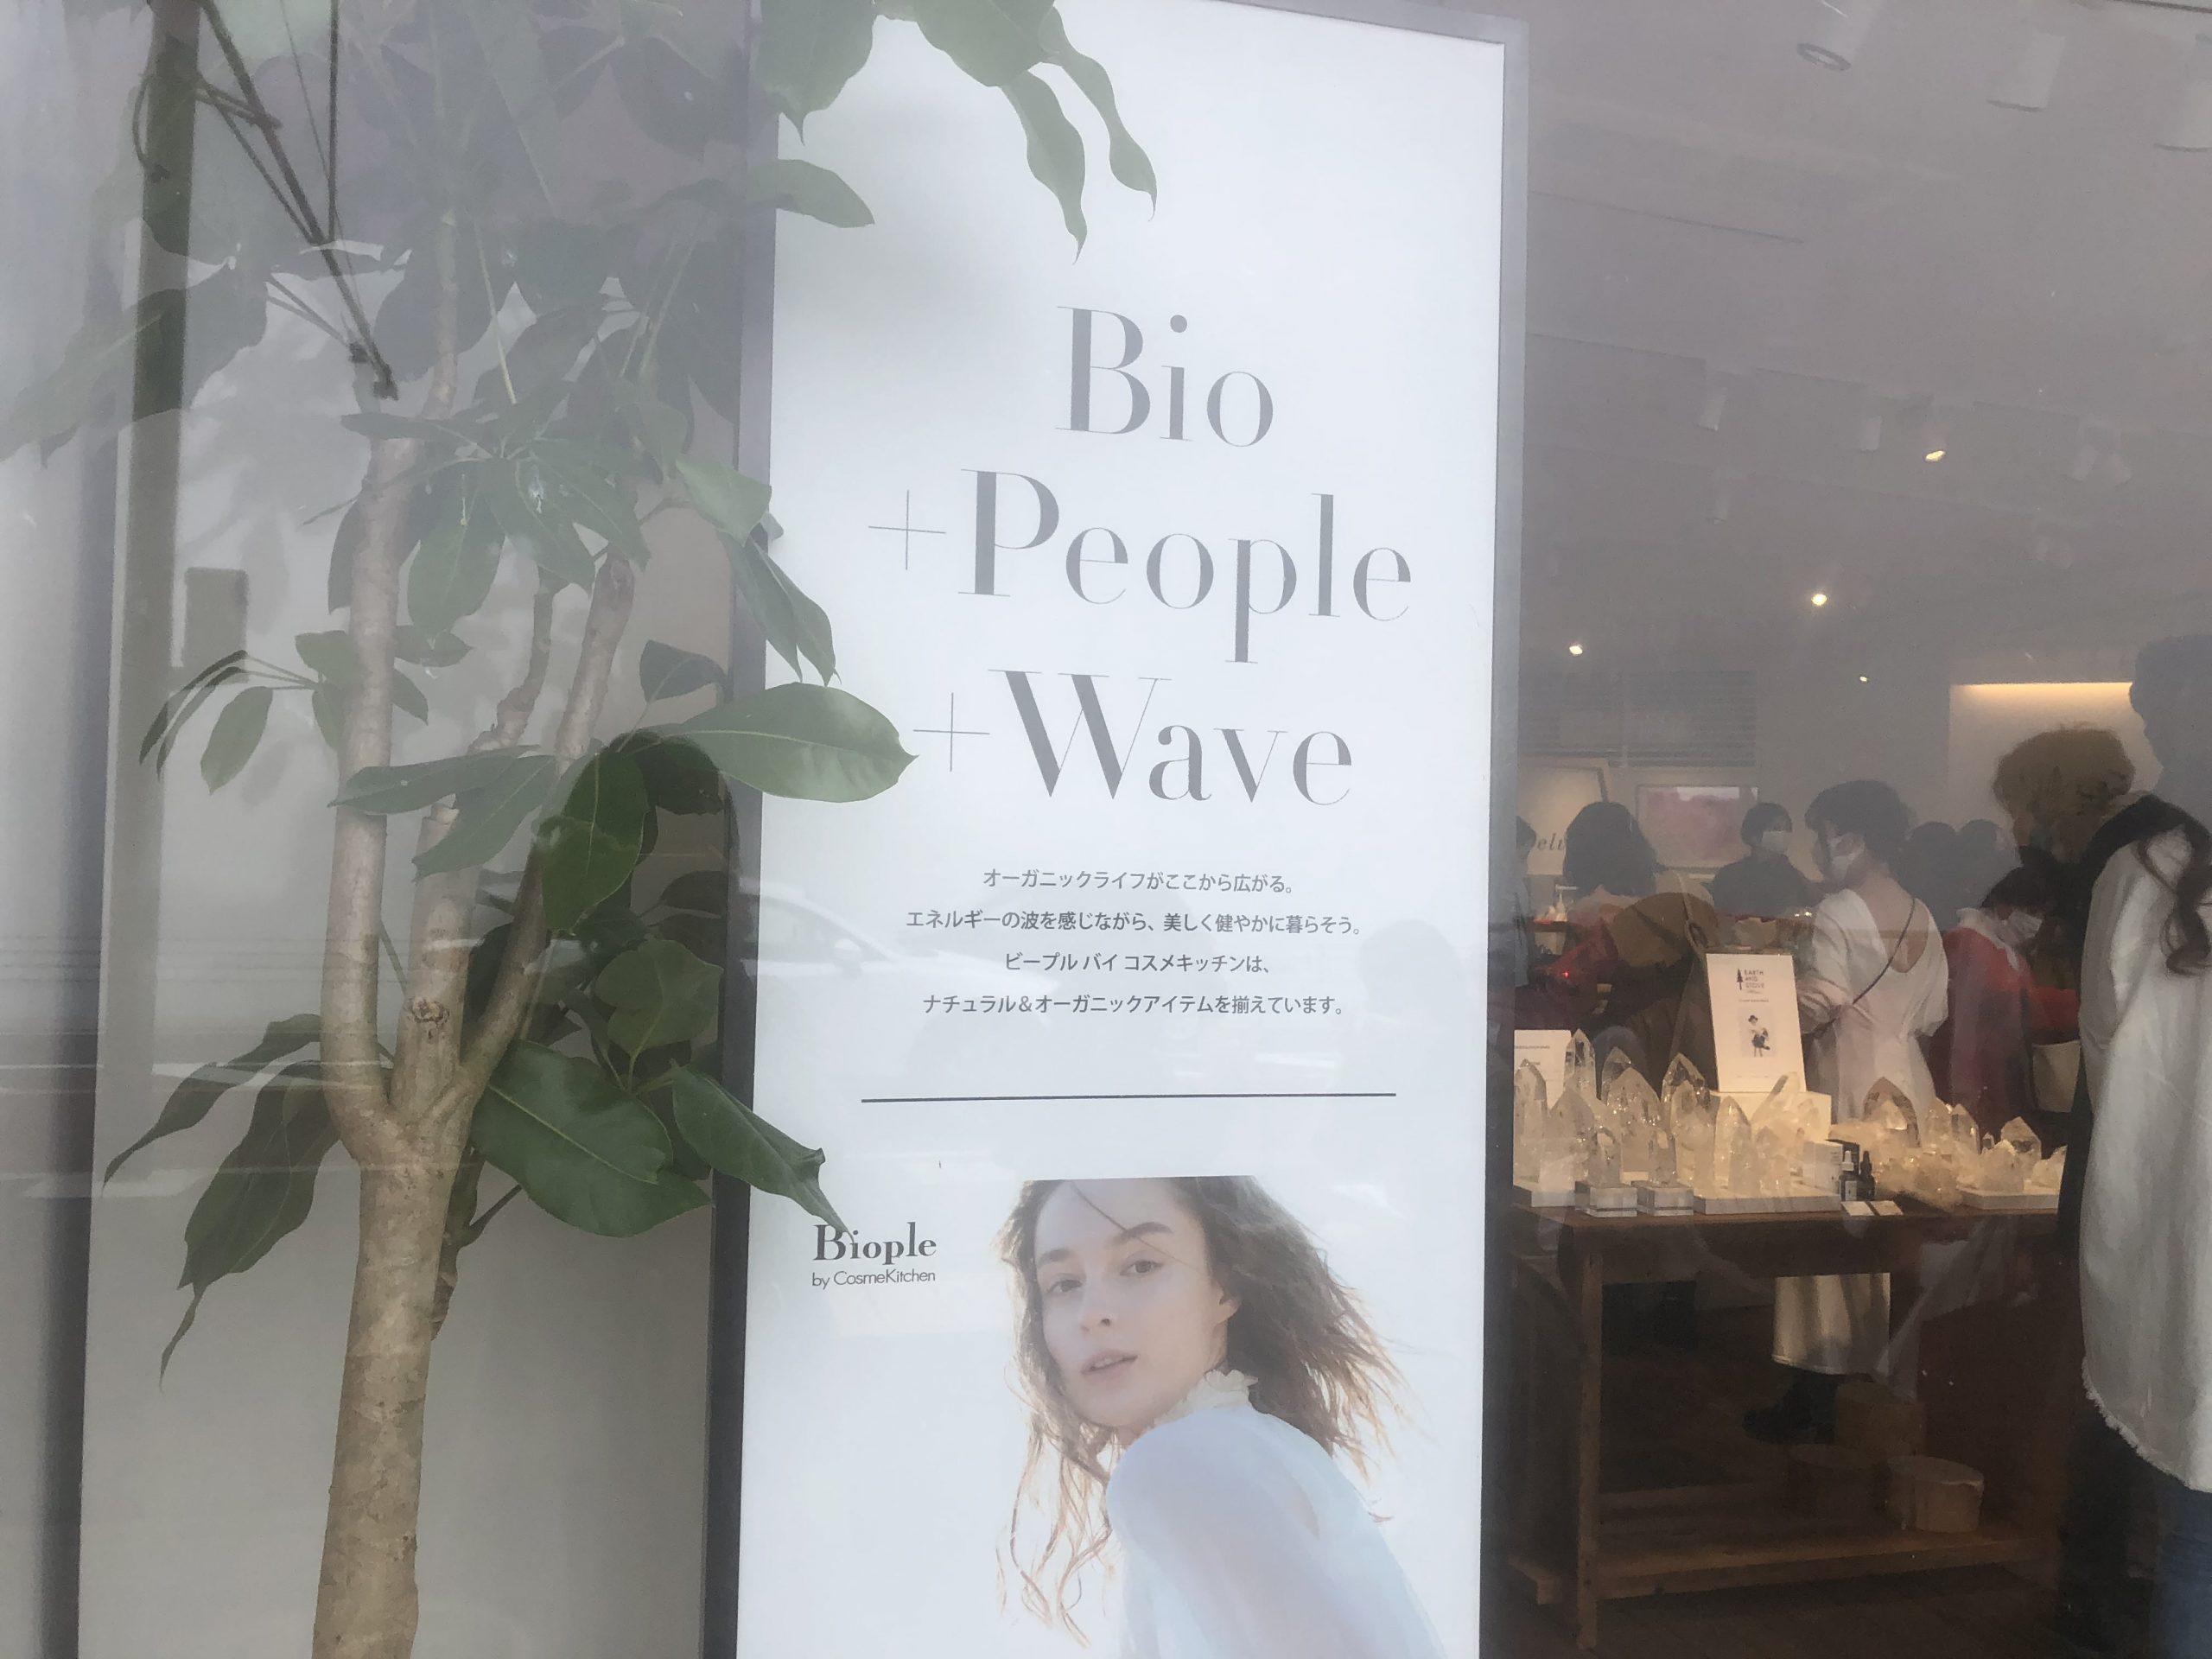 量り売り、カフェ、シャワーも併設。Biople by CosmeKitchen 七里ヶ浜店の内覧会レビュー